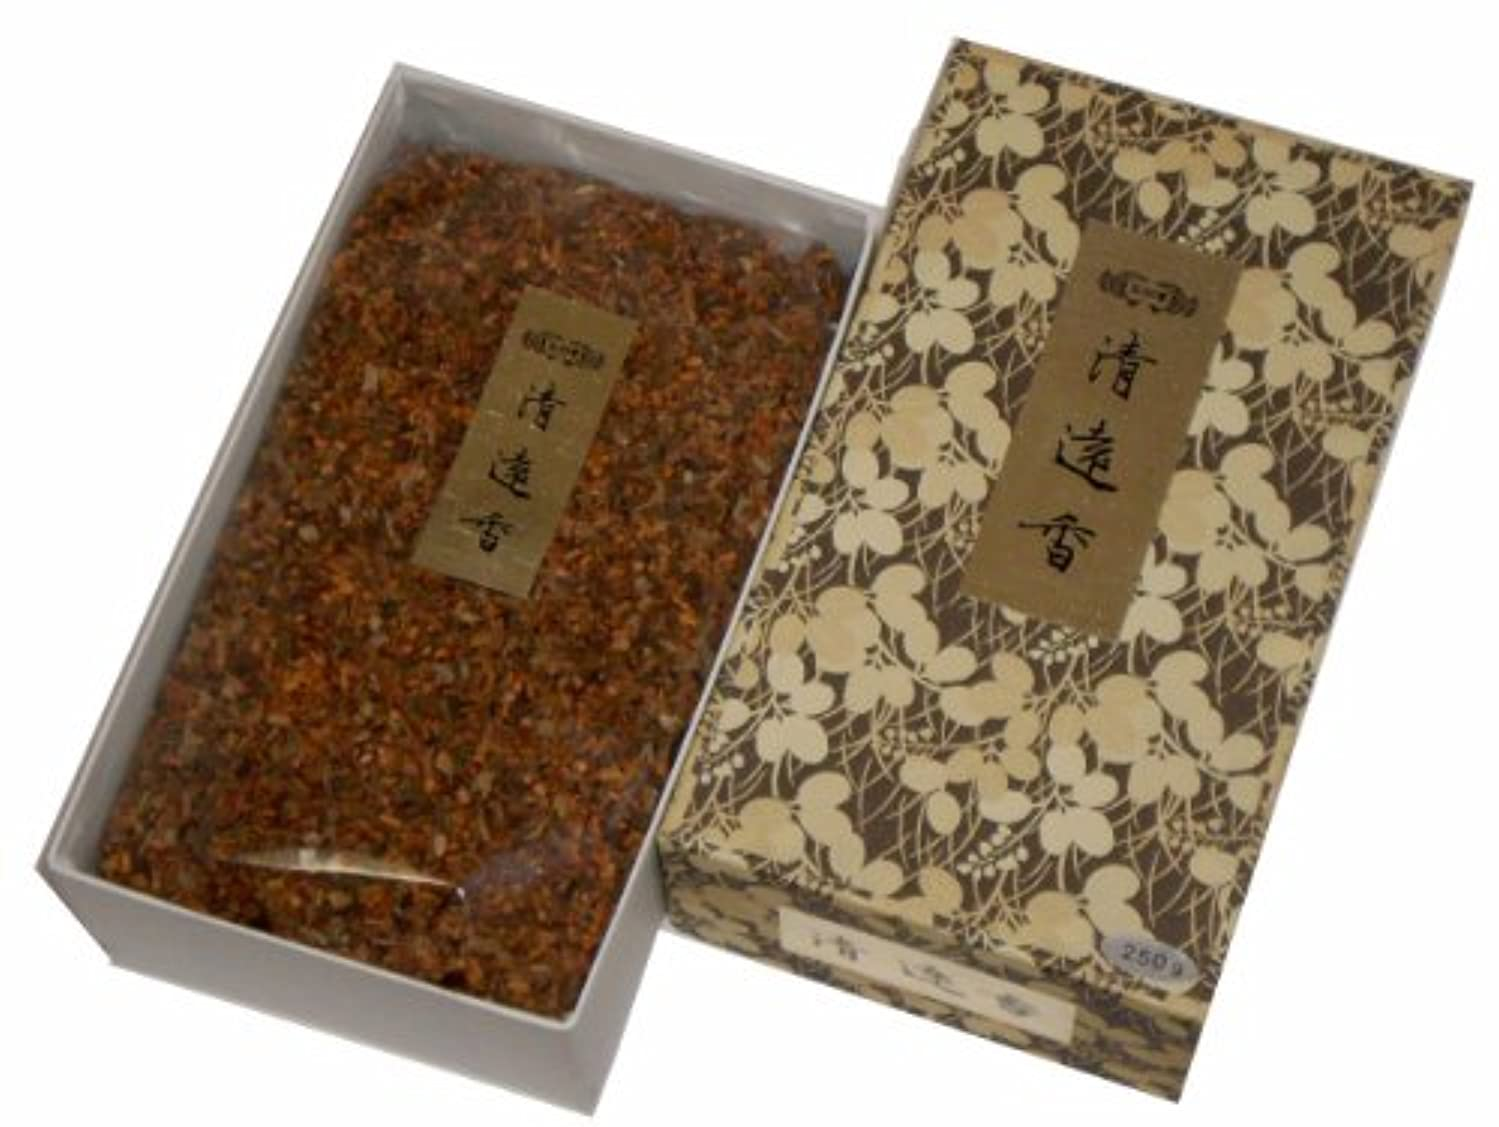 ブルのヒープ弁護玉初堂のお香 清遠香 250g #602